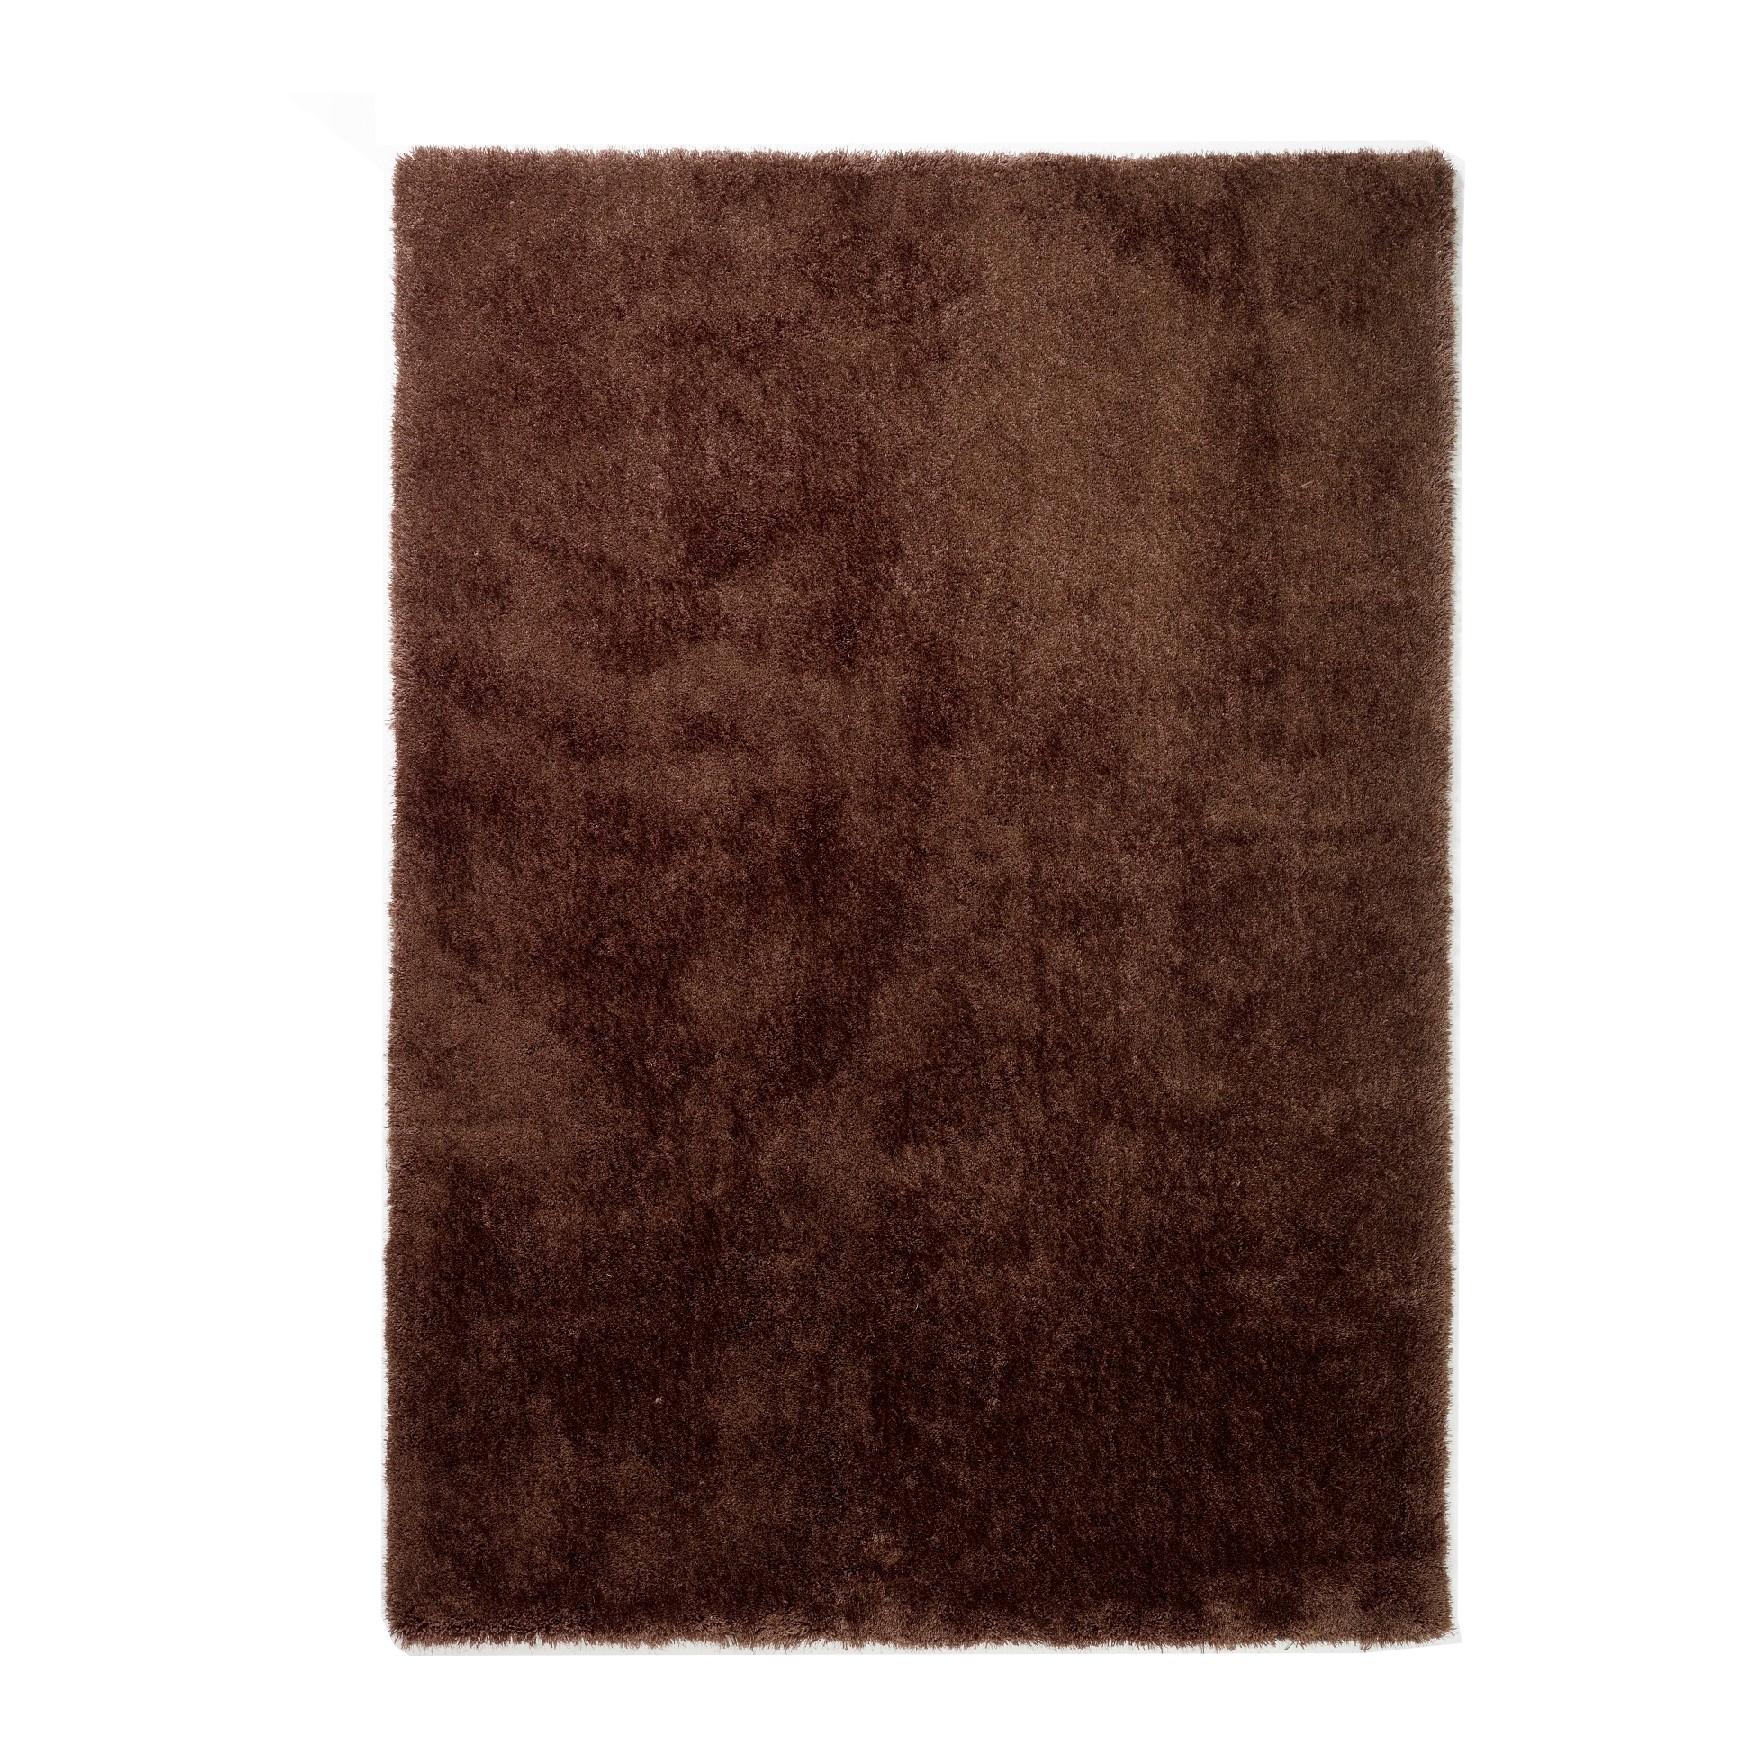 tapijten en vloerbedekking Tapijt Mud - bruin - 140x200cm ...